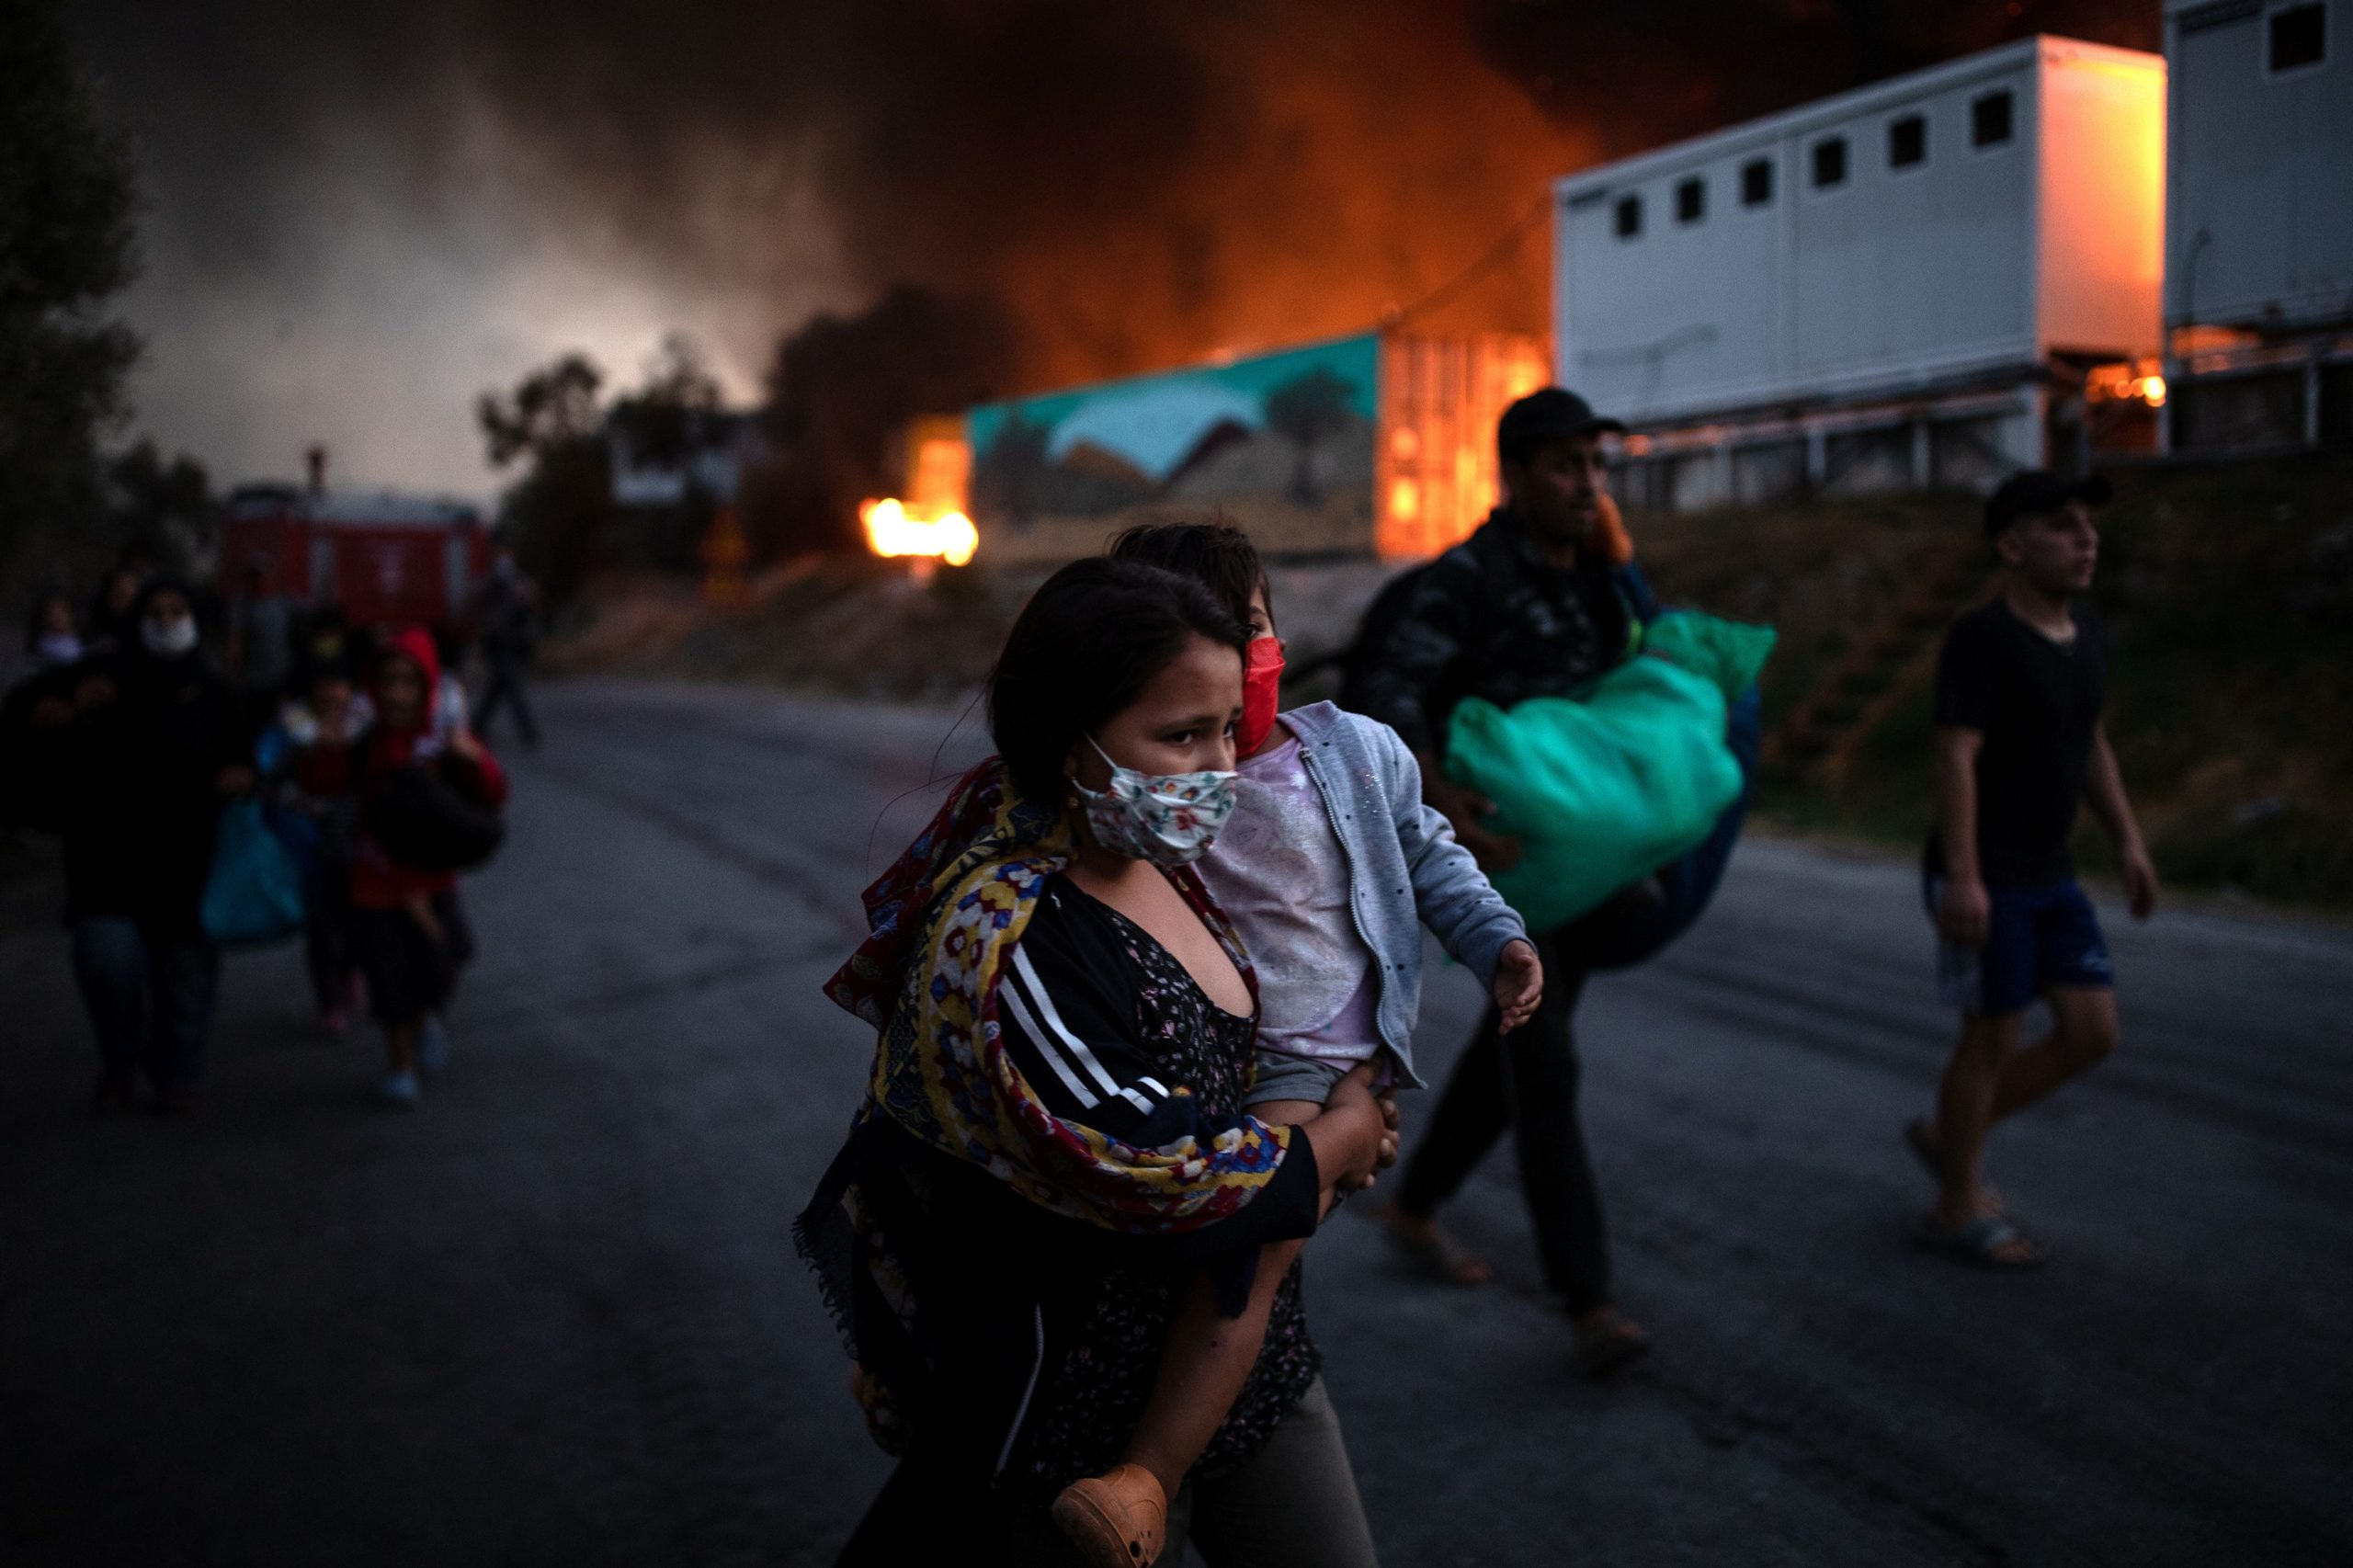 Grèce: Le camp de Moria probablement détruit après des incendies